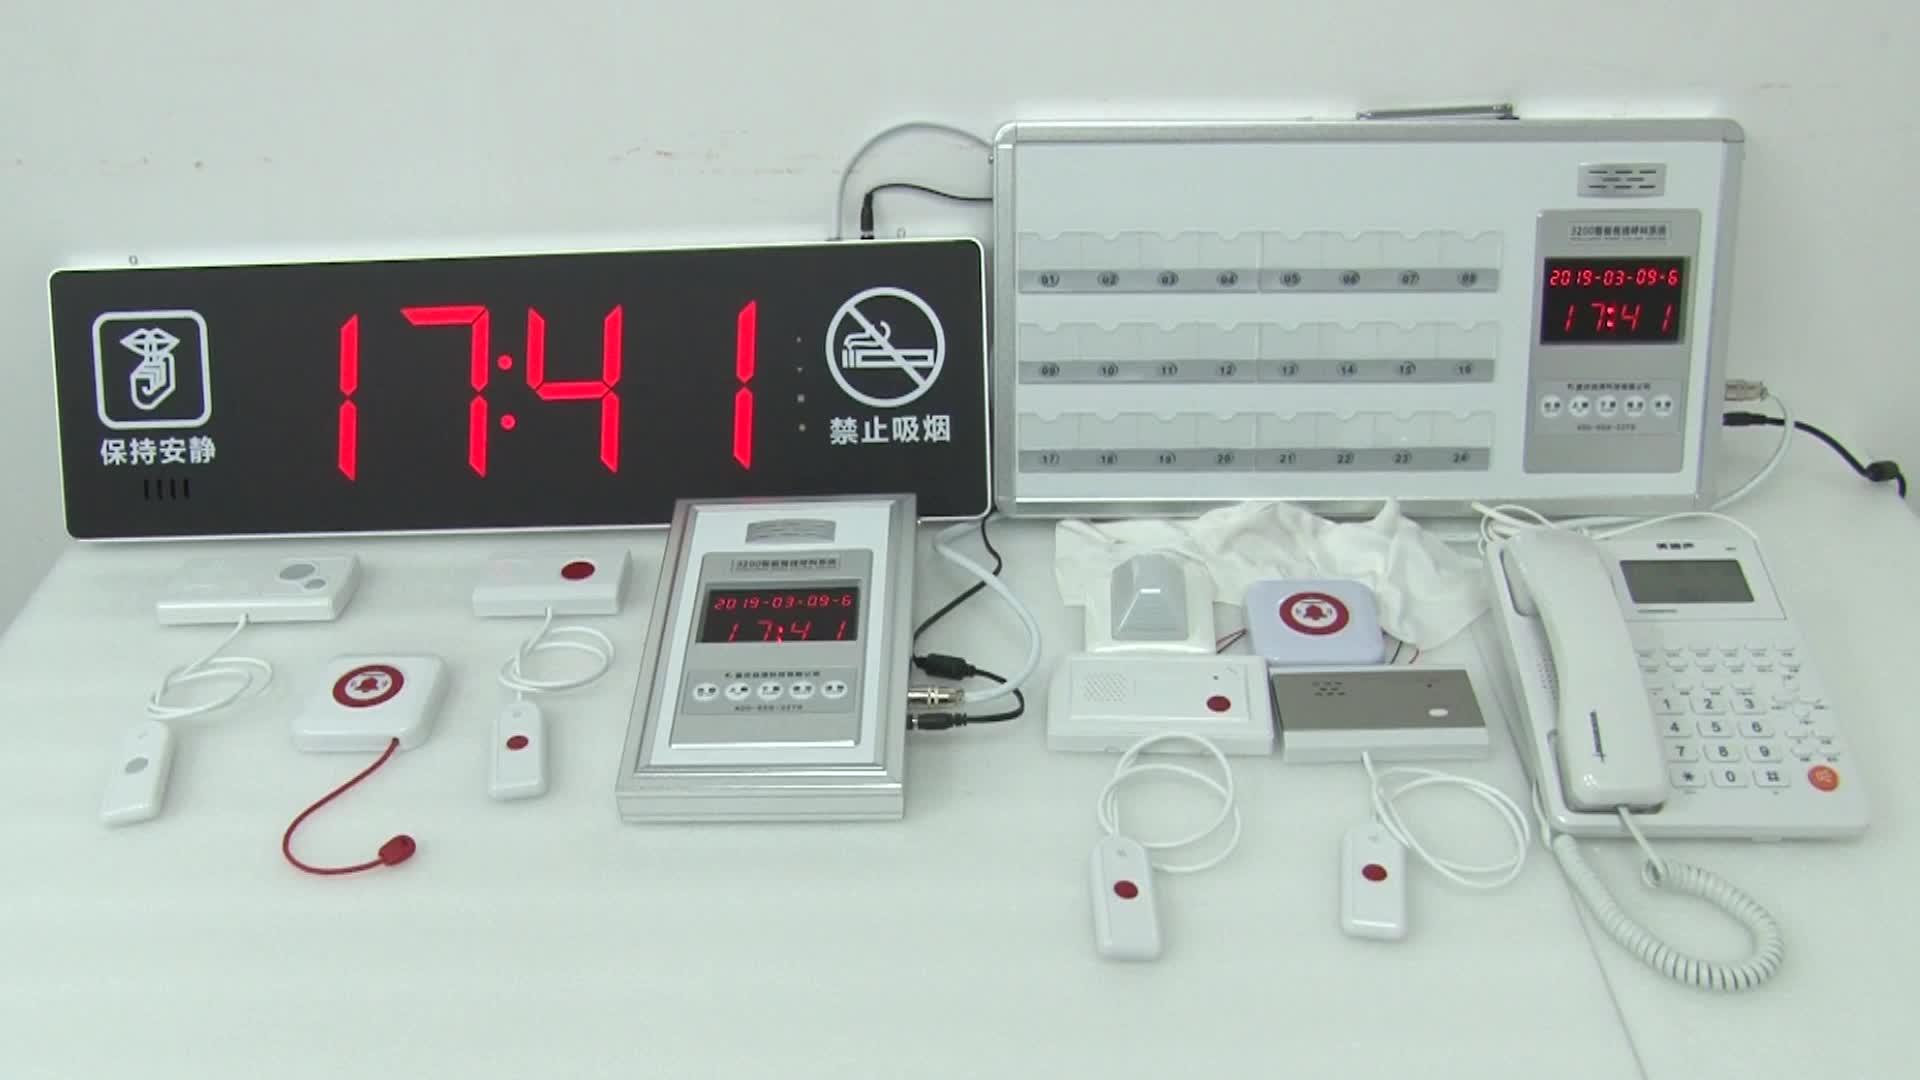 พยาบาลบริการ Request Paging Call ระบบ Healthcare Wireless Calling System